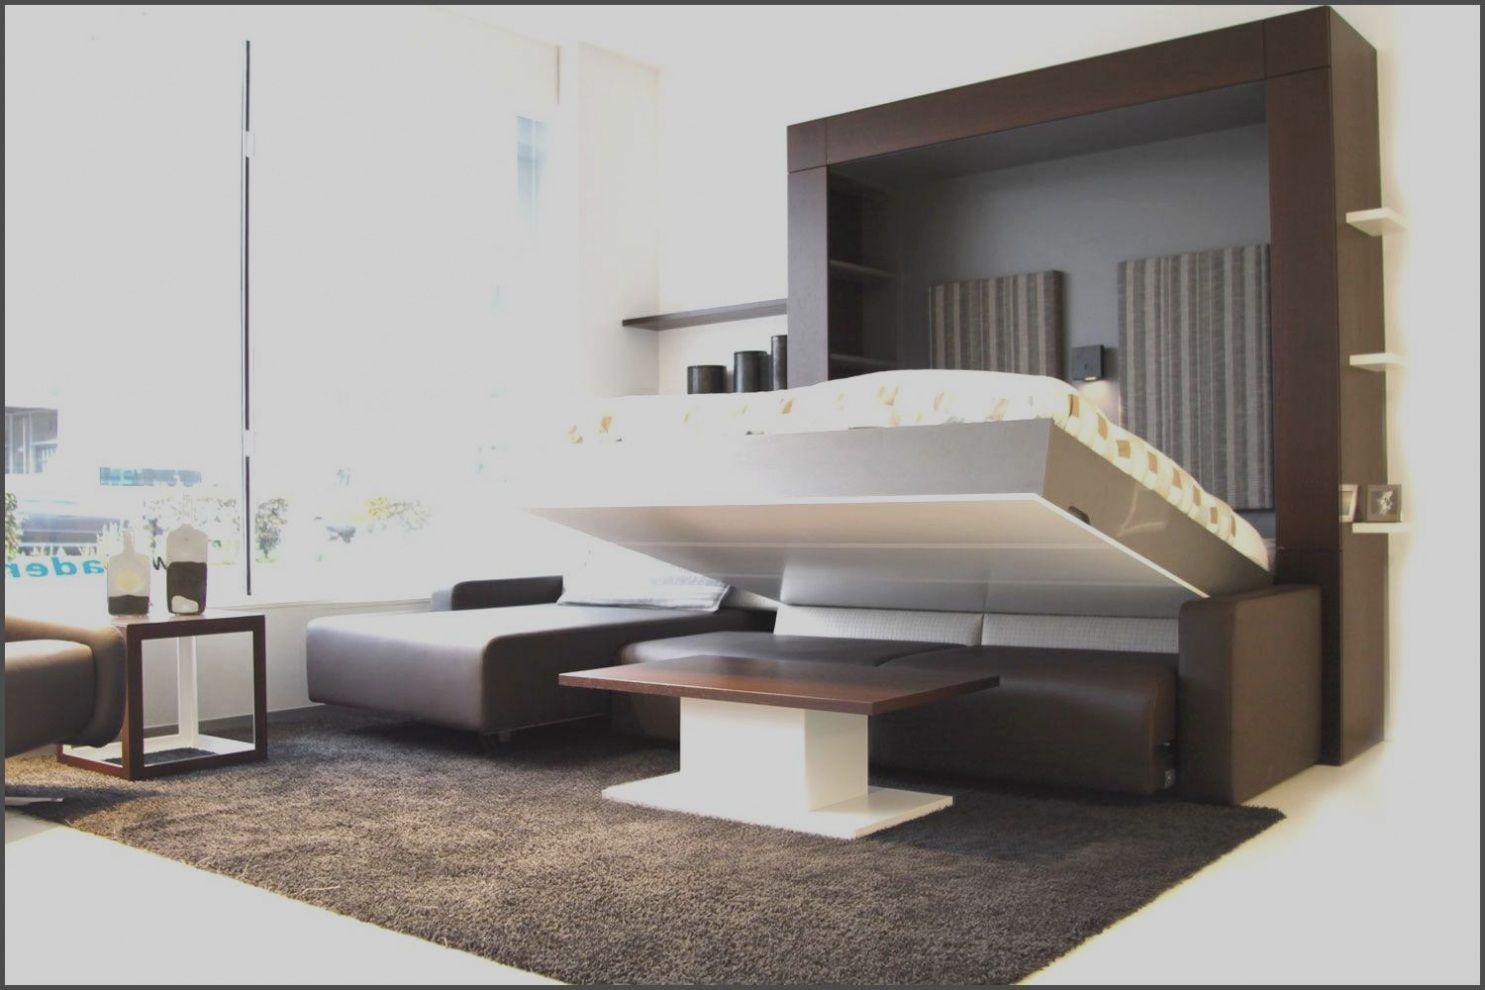 Bett Im Wohnzimmer Integrieren myappsforpc